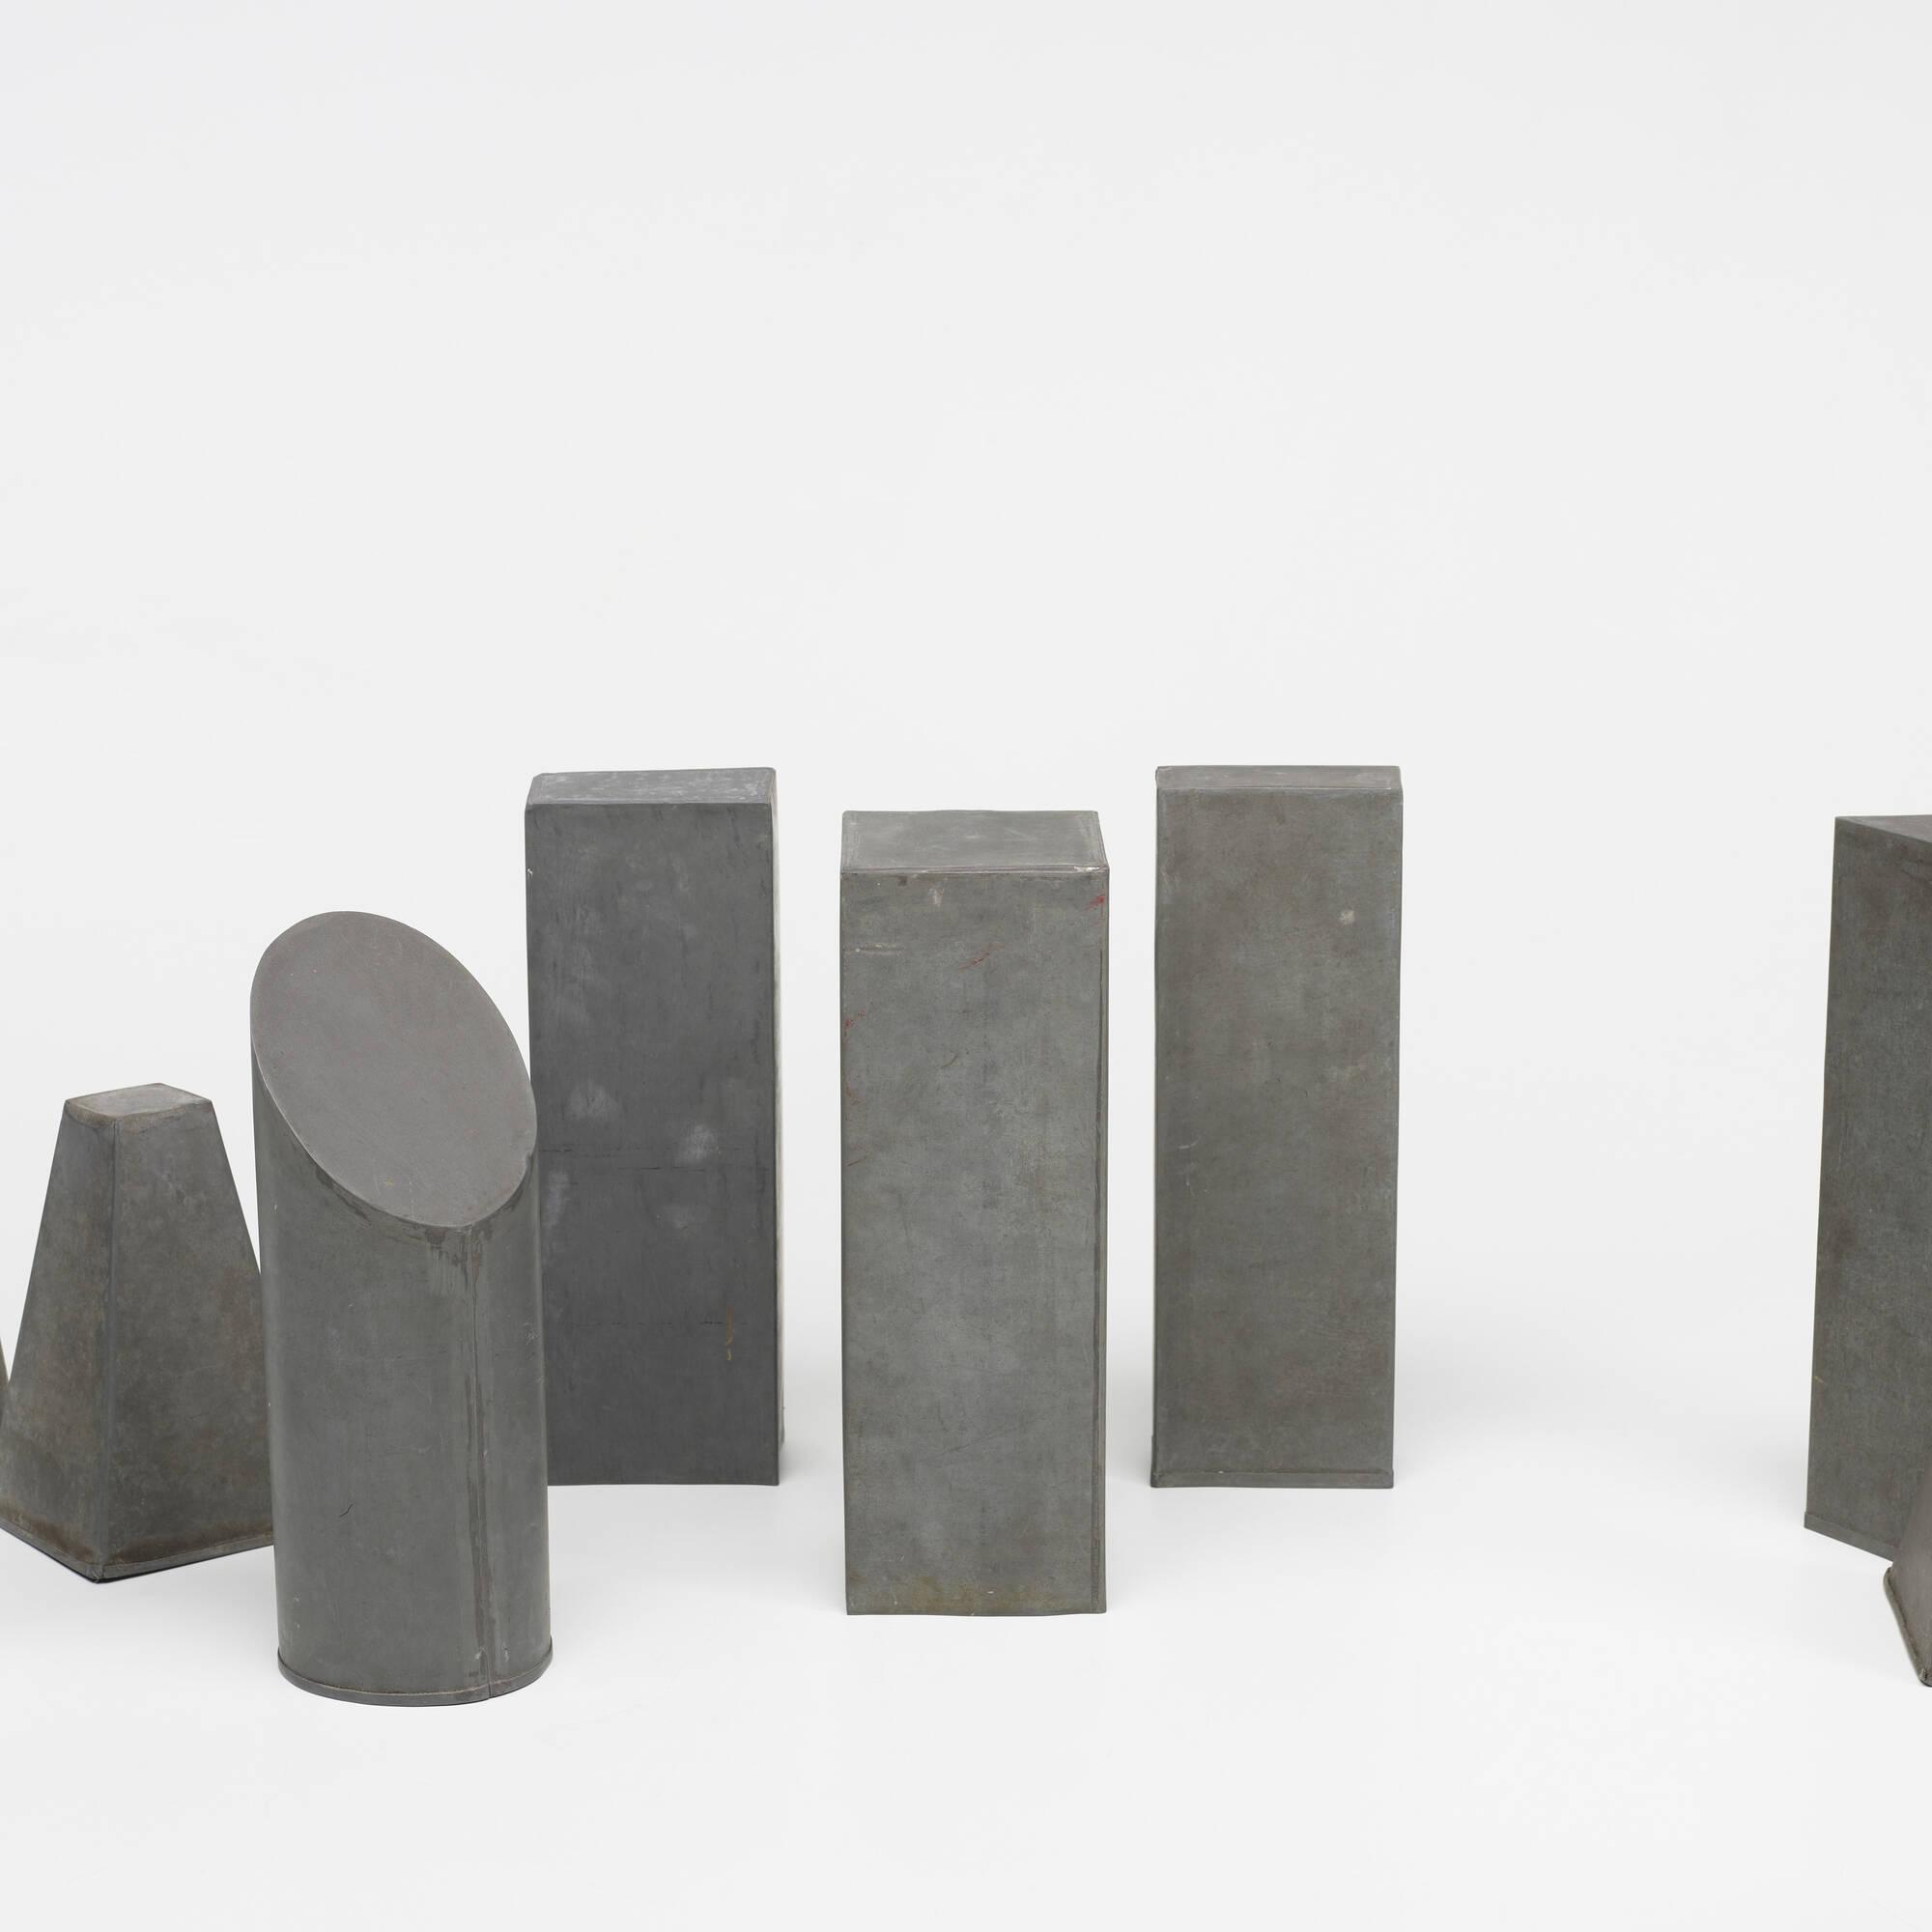 152: Belgian / collection of twelve volume models (2 of 3)